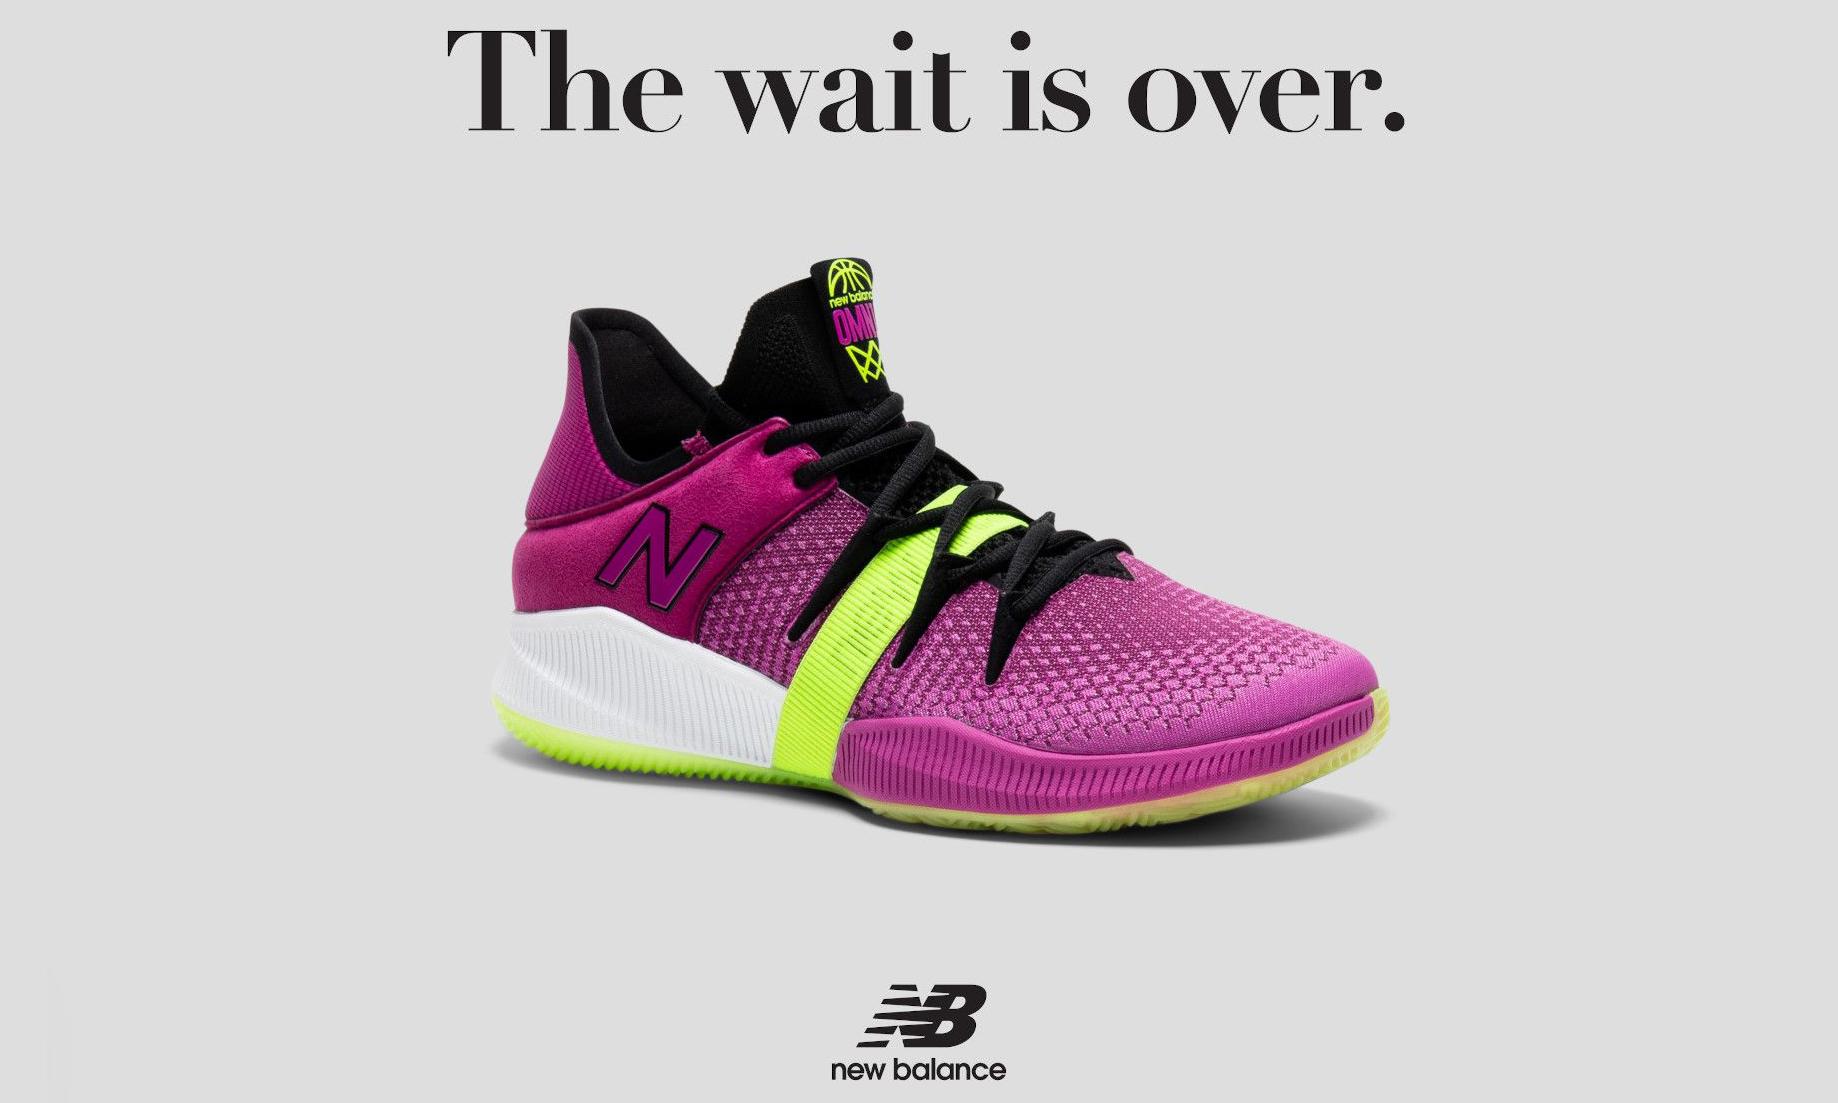 肆意出彩,New Balance 发布全新 OMN1S Low 系列篮球鞋